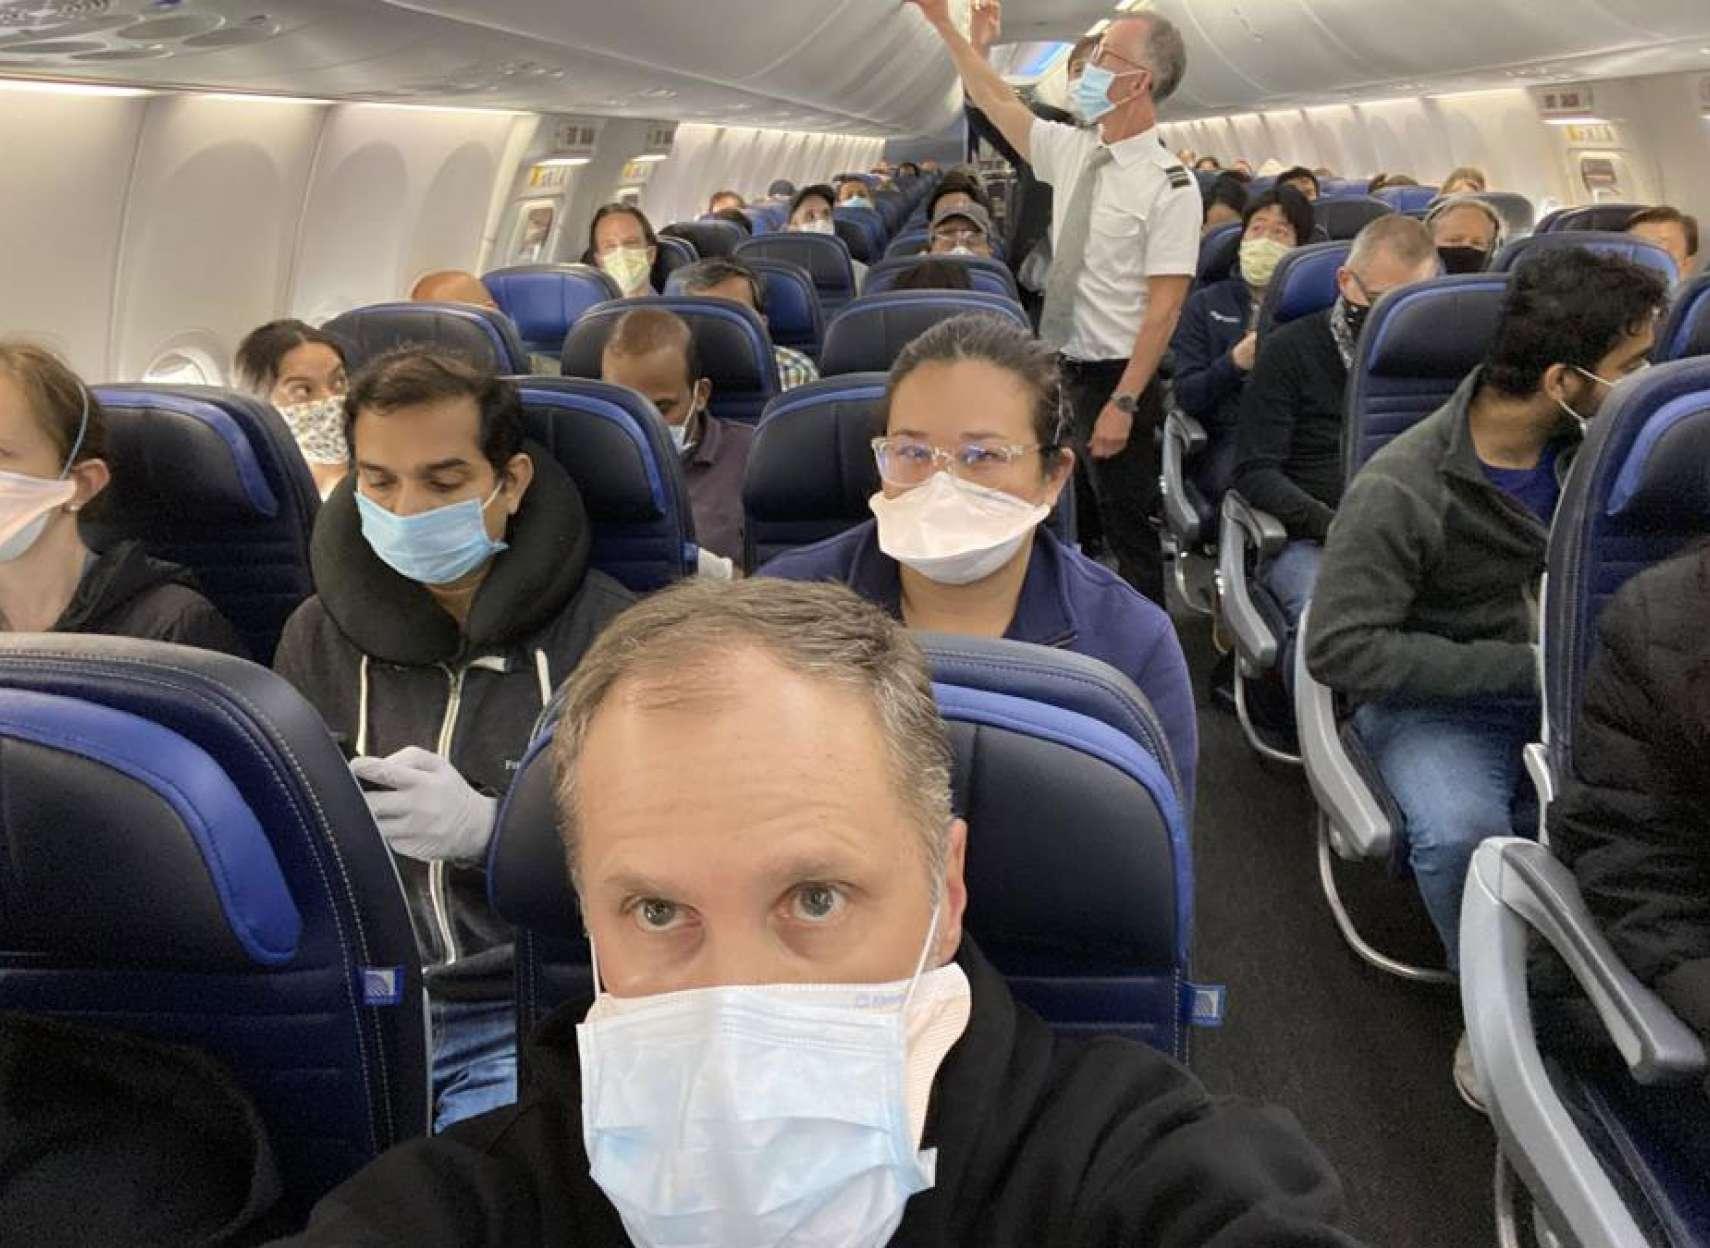 اخبار-آمریکا-مرگ-یک-مسافر-در-پرواز-هواپیمایی-آمریکا-احتمالا-کرونا-داشت